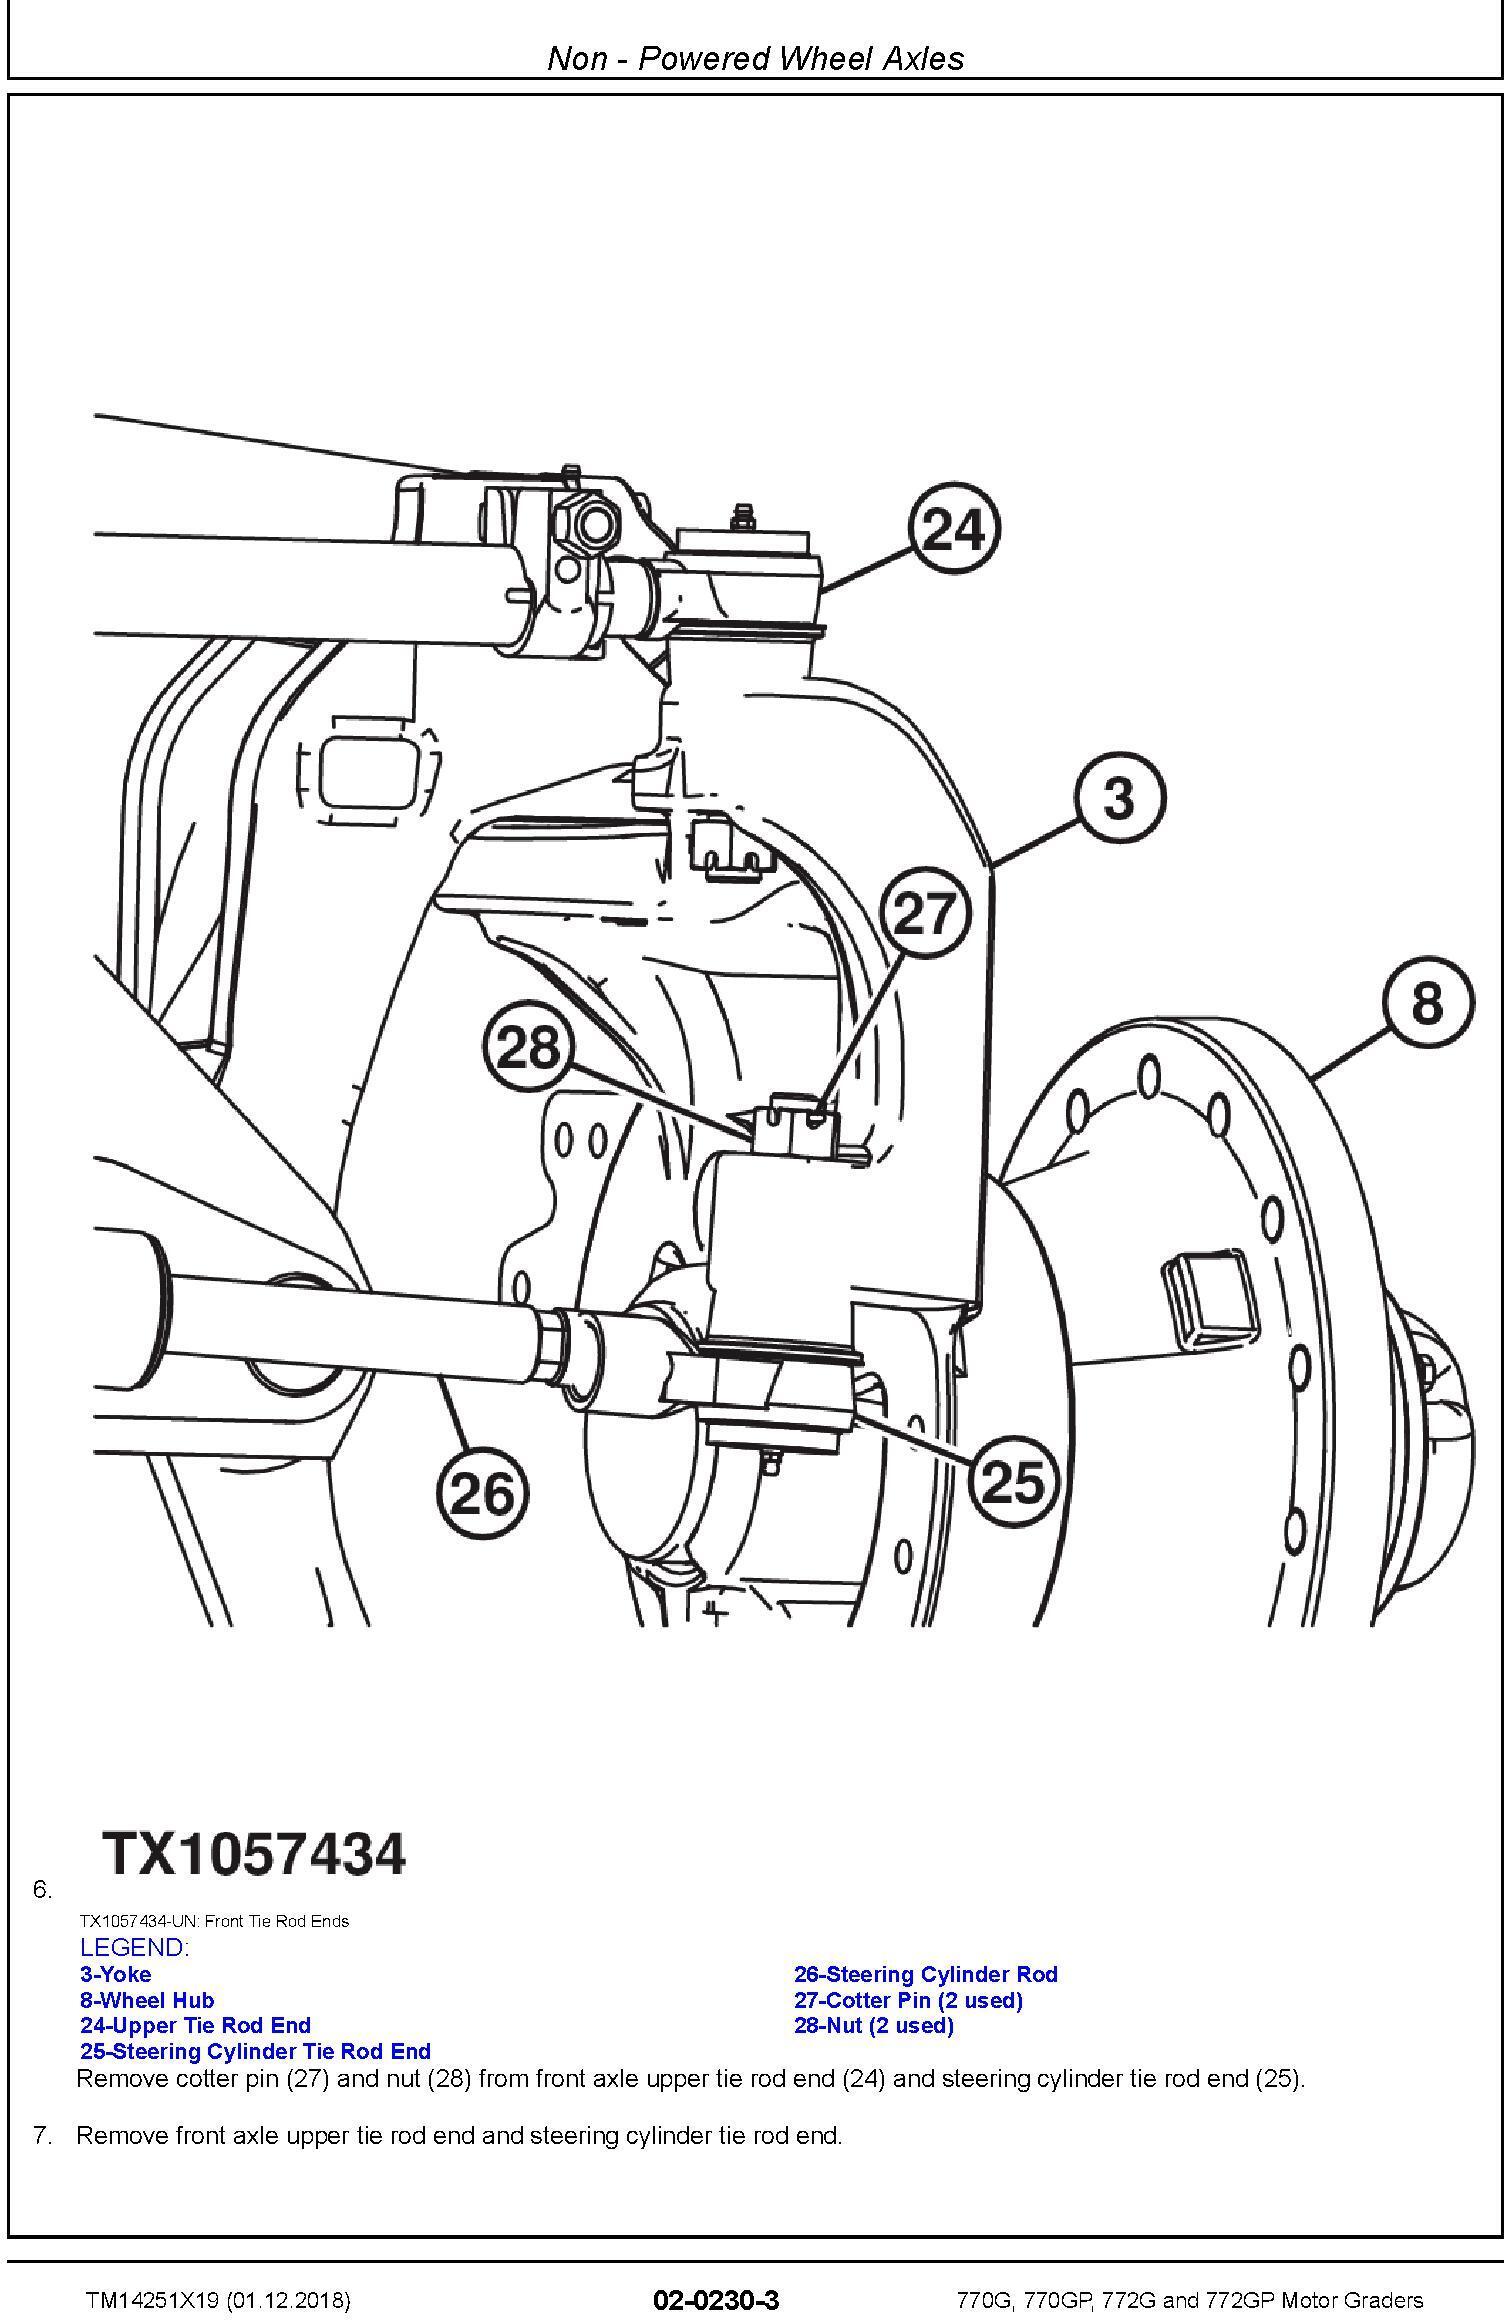 John Deere 770G, 770GP, 772G, 772GP (SN. C680878-,D680878-) Motor Graders Repair Manual (TM14251X19) - 1